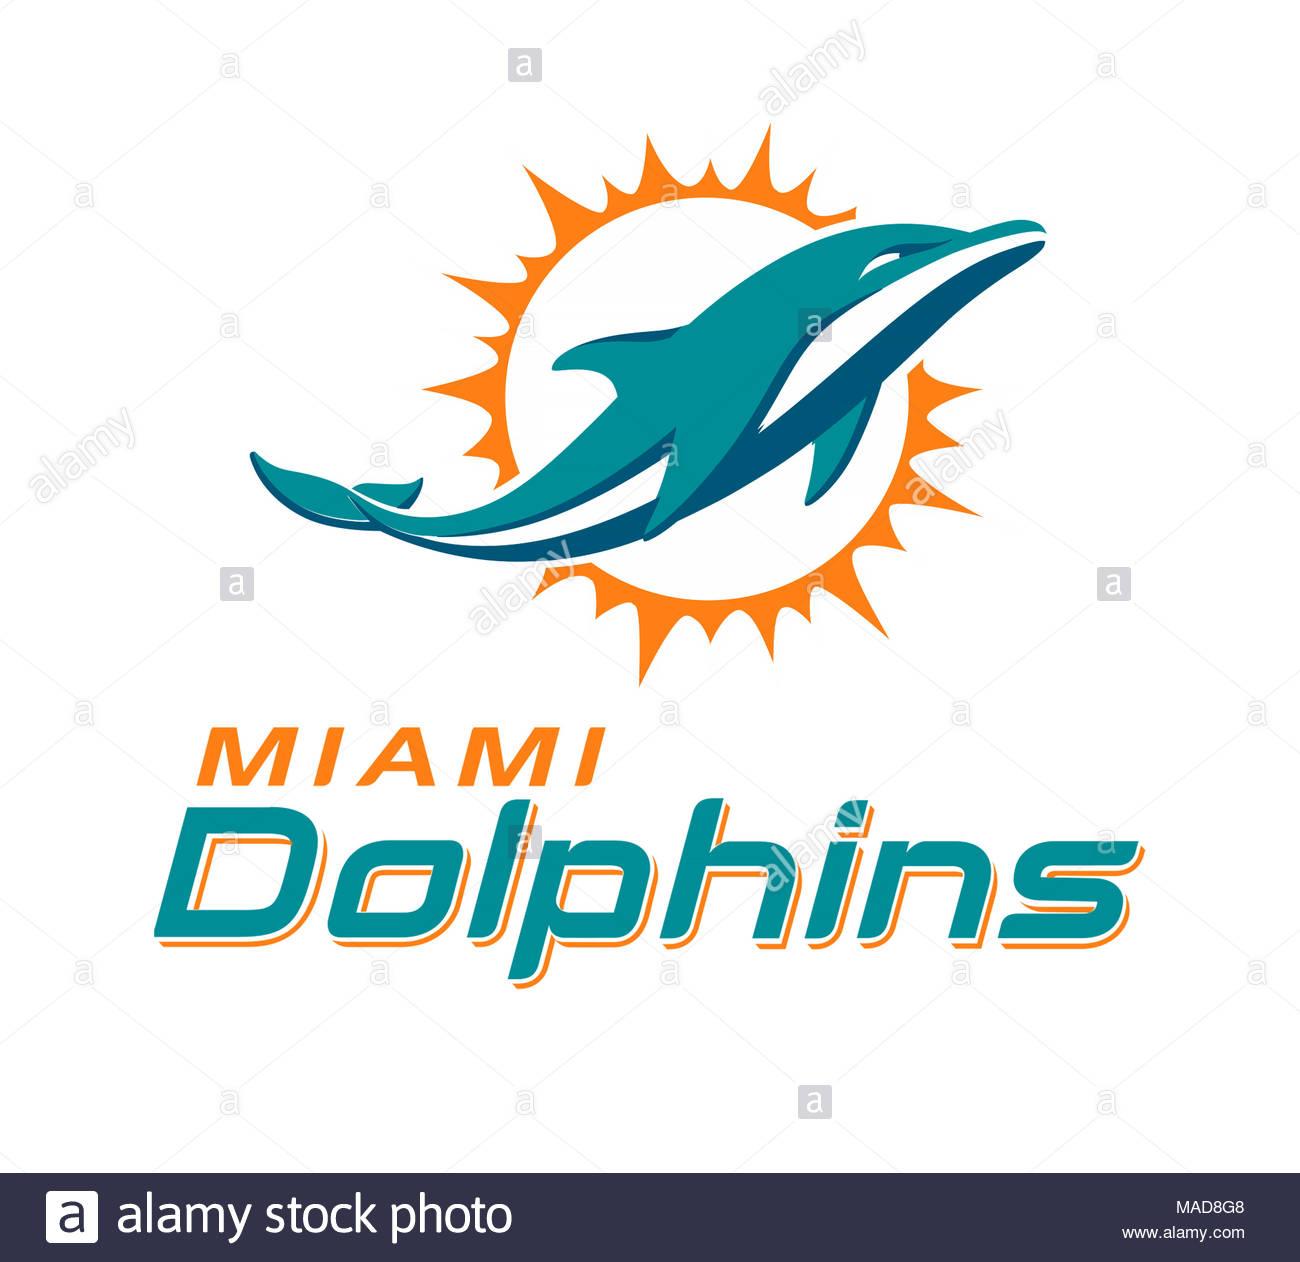 Miami Dolphins Stock Photos & Miami Dolphins Stock Images - Alamy